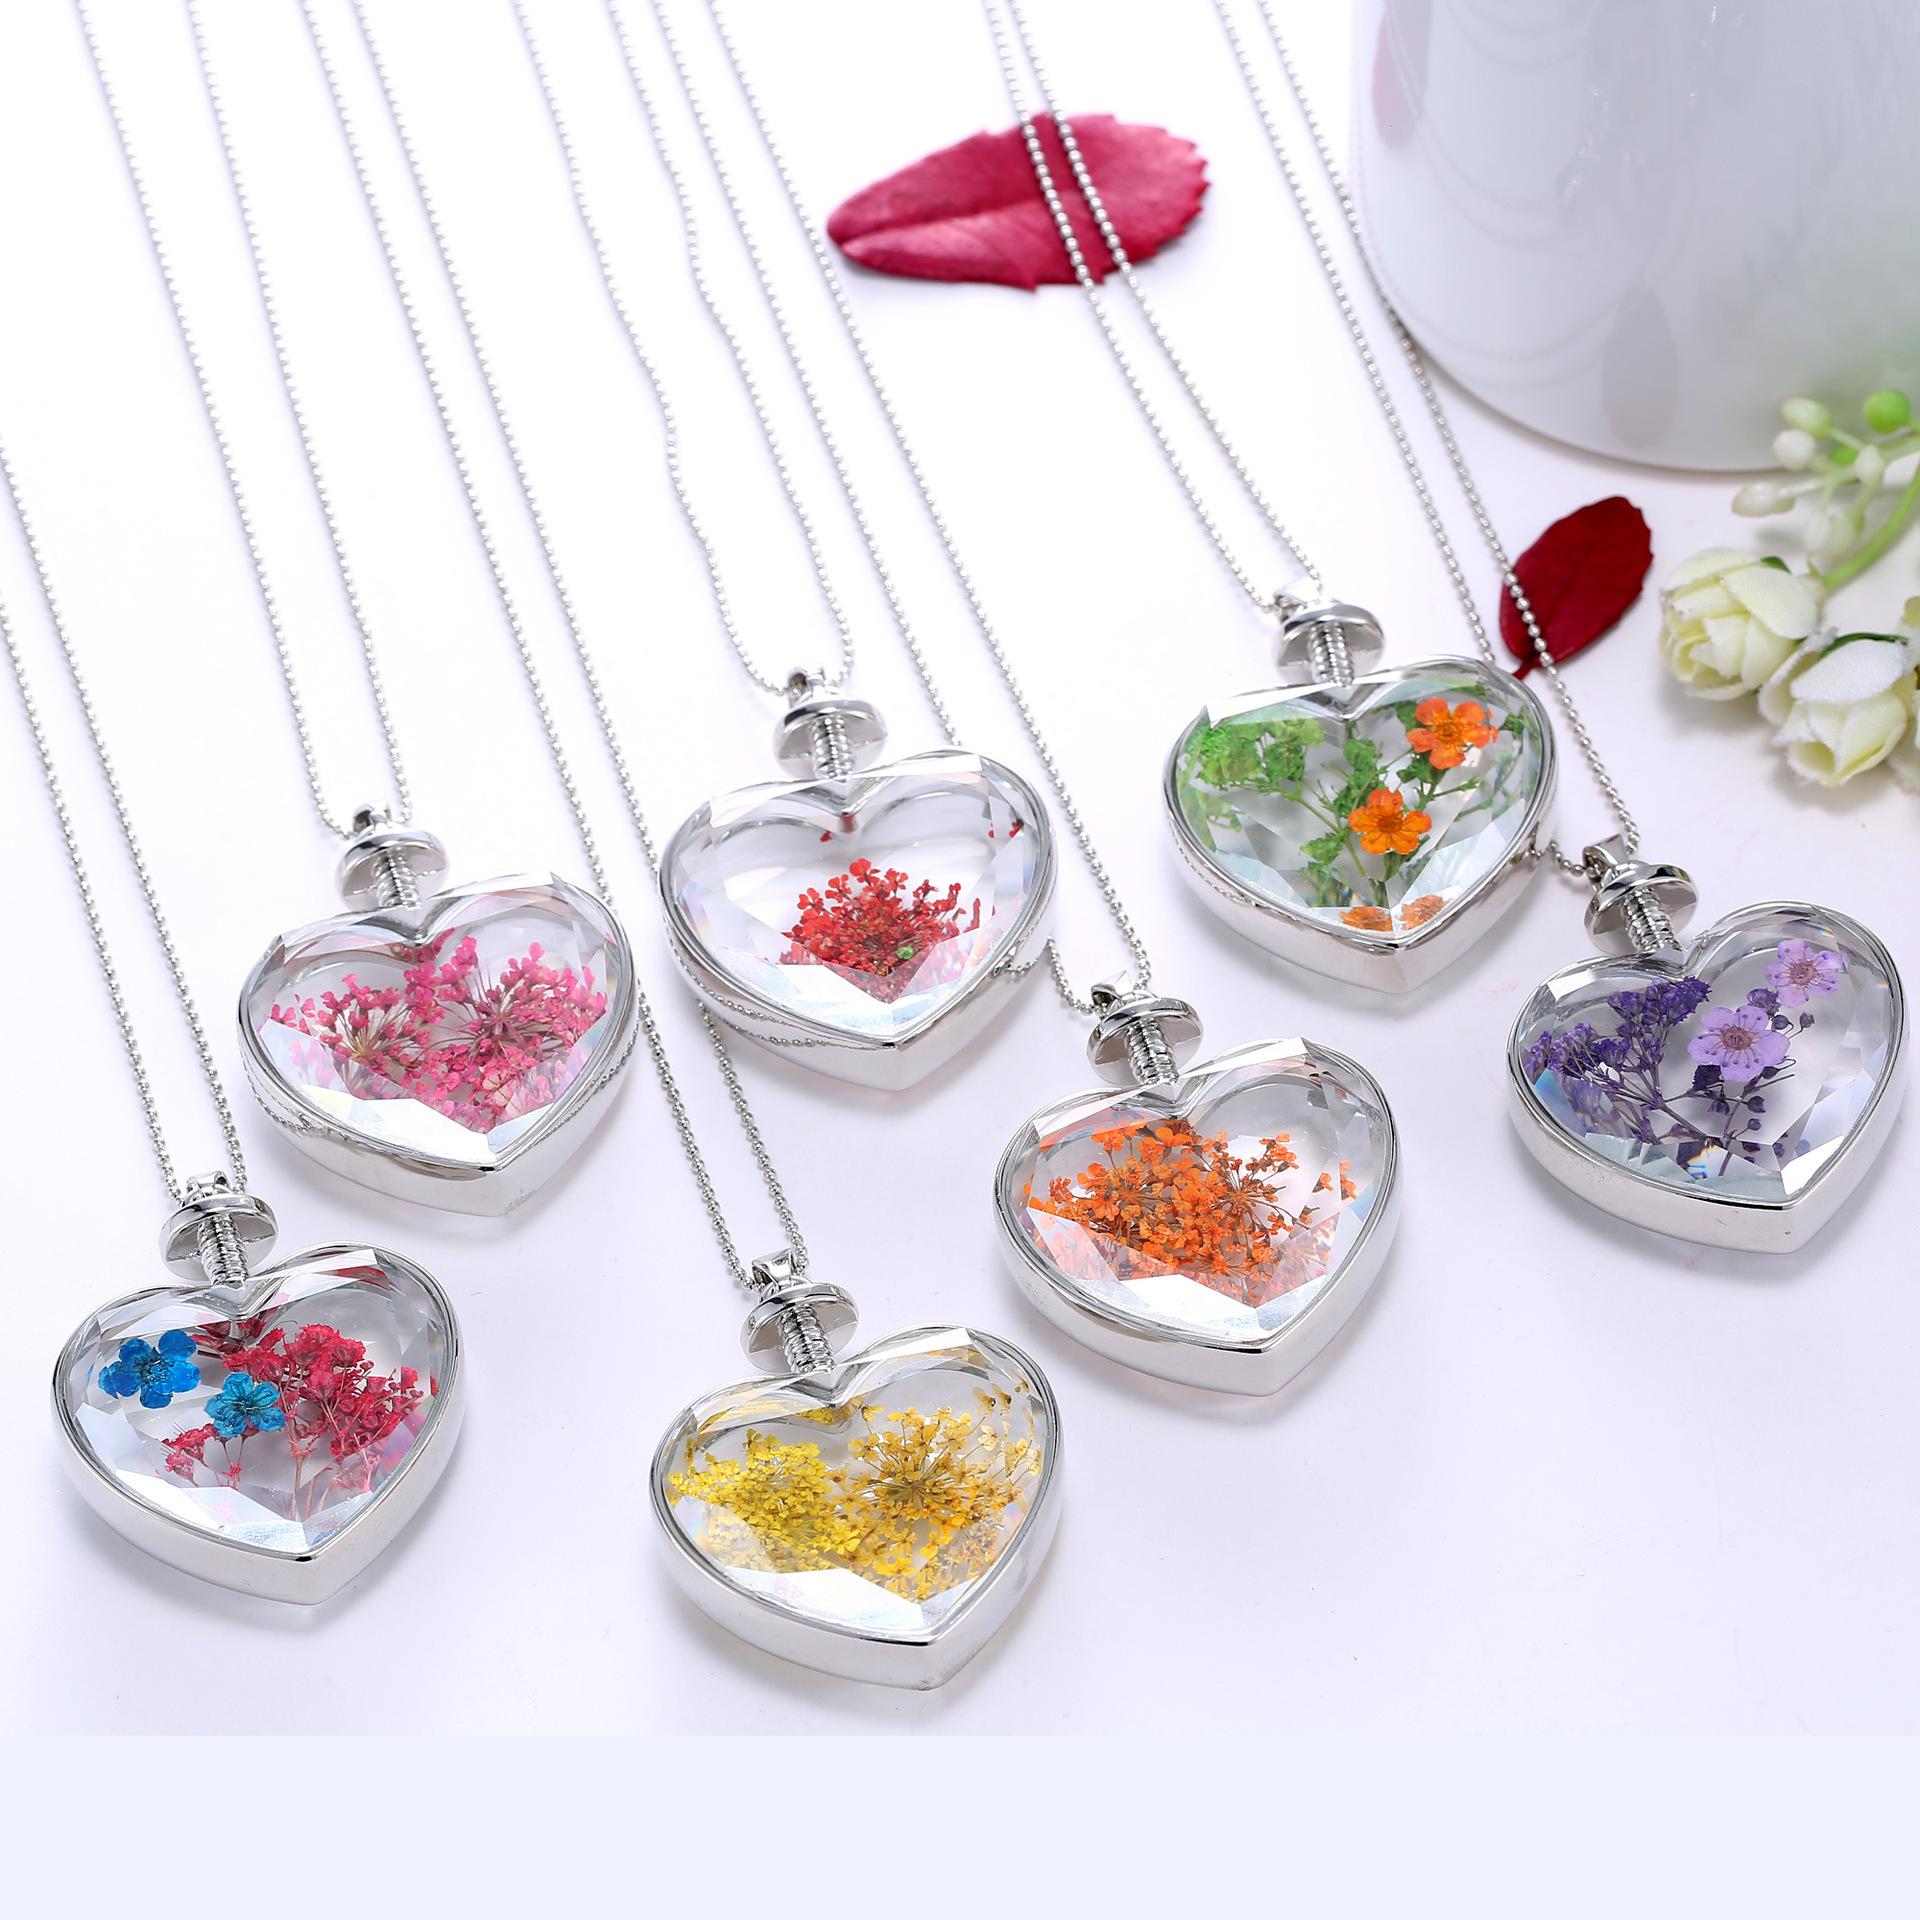 Creativo di vetro della collana Del Pendente vegetali campione rotonda a forma di cuore di Cristallo della fiala bottiglia della collana reale secchi premuto Fiore regalo